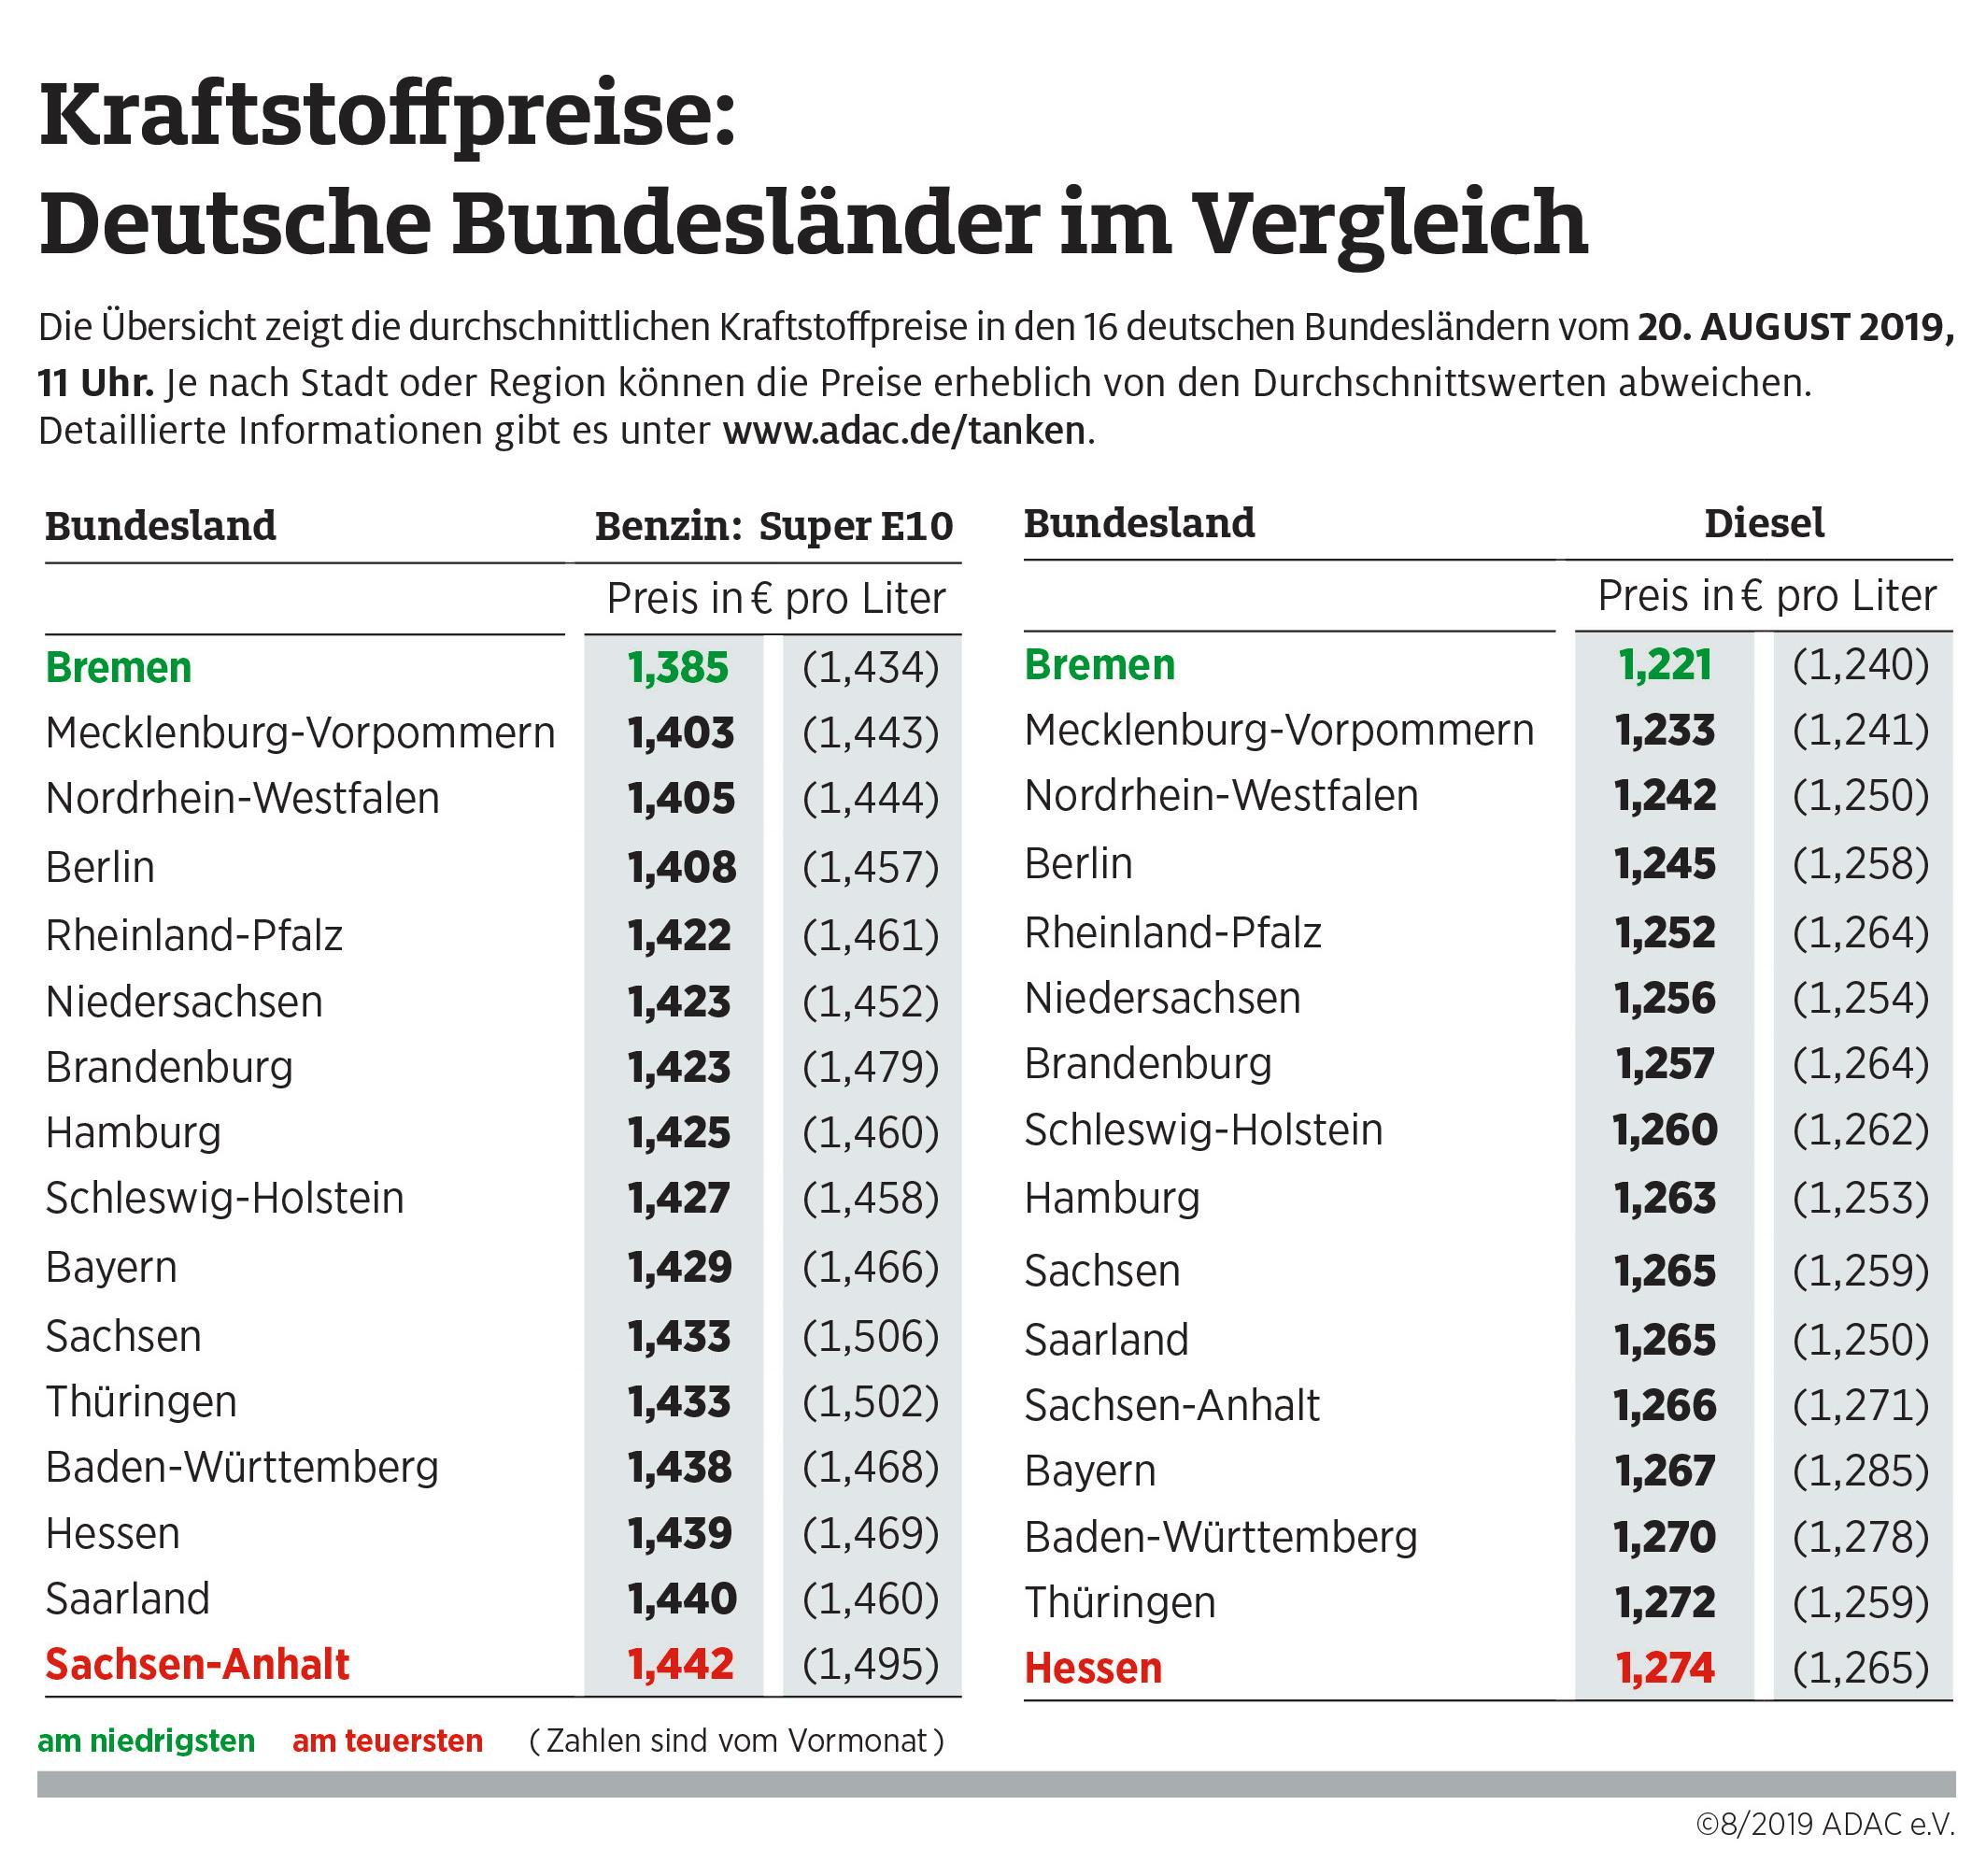 Kraftstoffpreise im Bundesländervergleich (Foto: ADAC e.V.)